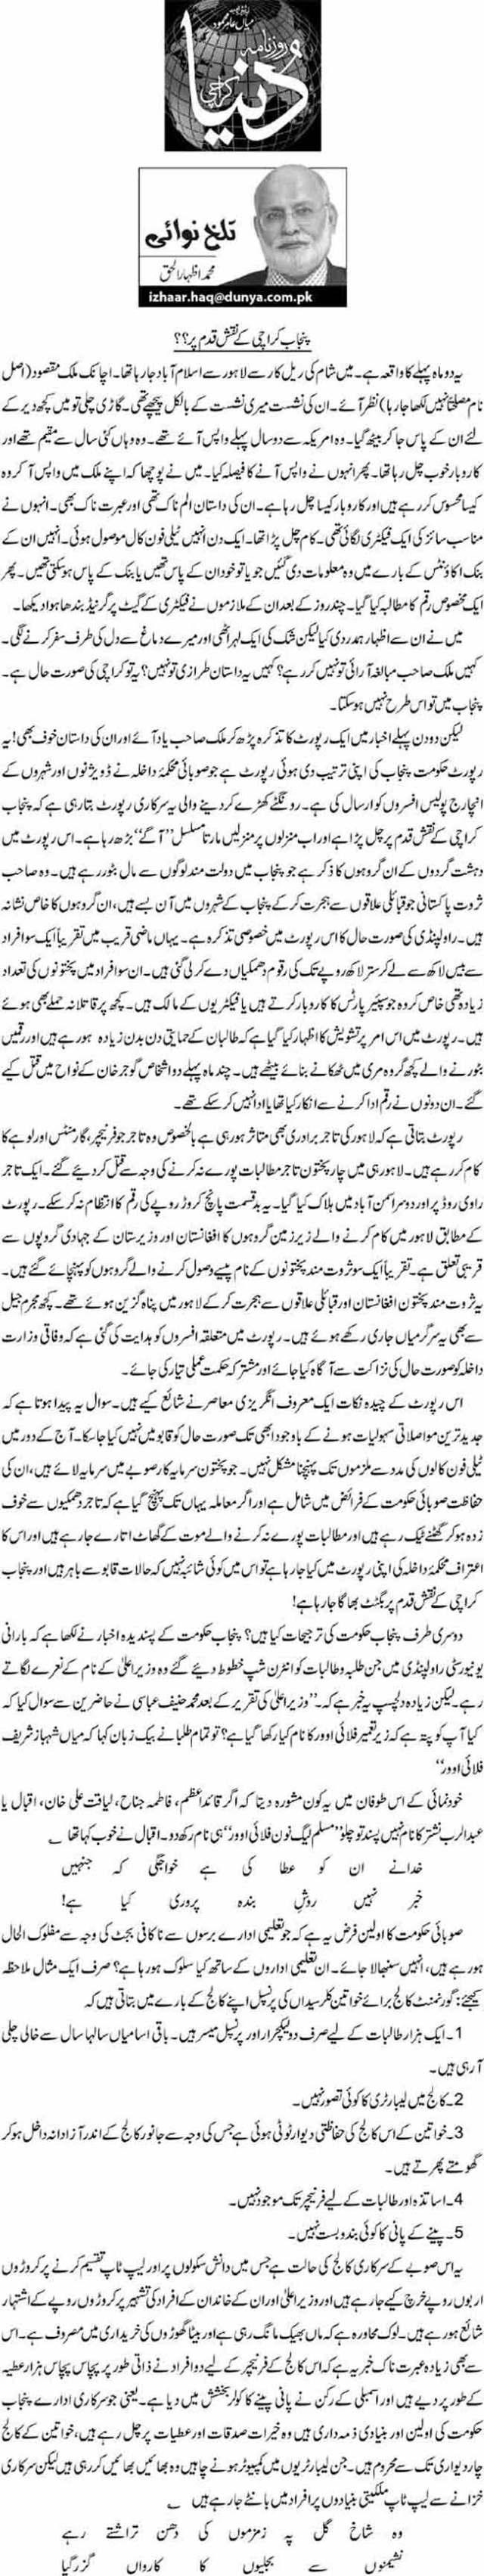 Punjab Karachi k naqsh e qadam par?? - M. Izhar ul Haq